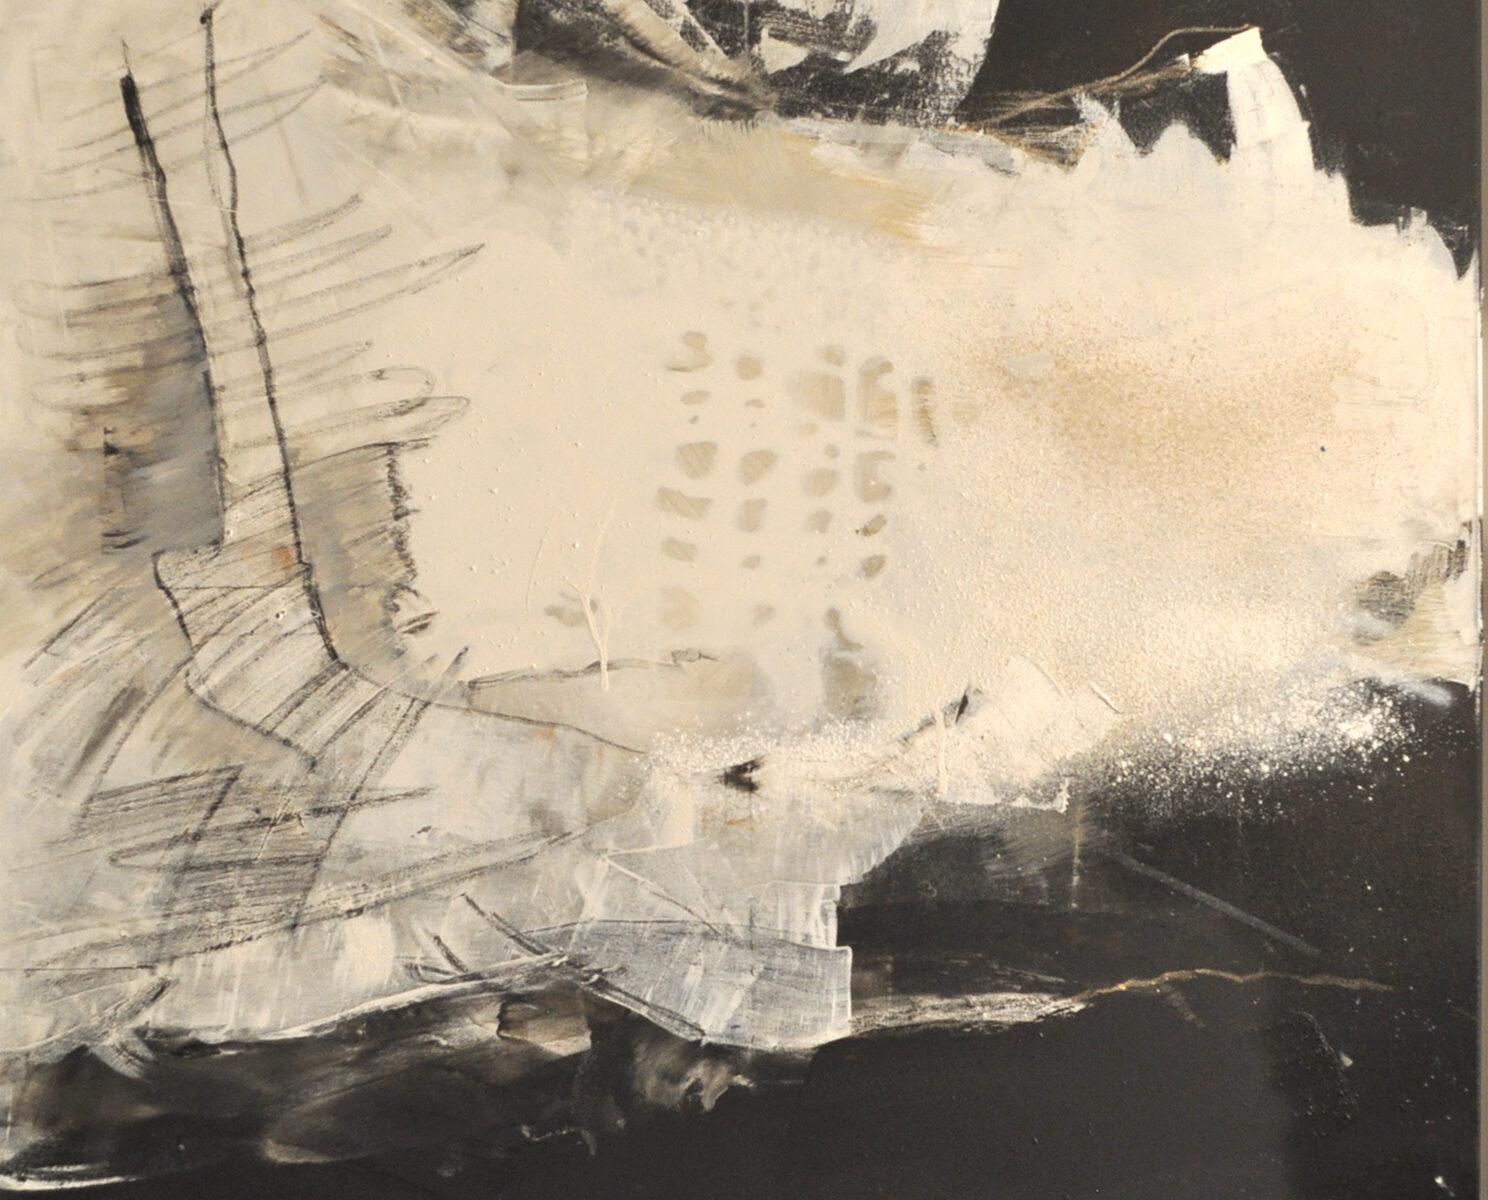 Fließtechnik mit Acryl, Kreide und Marmormehl auf Leinwand 90 x 90